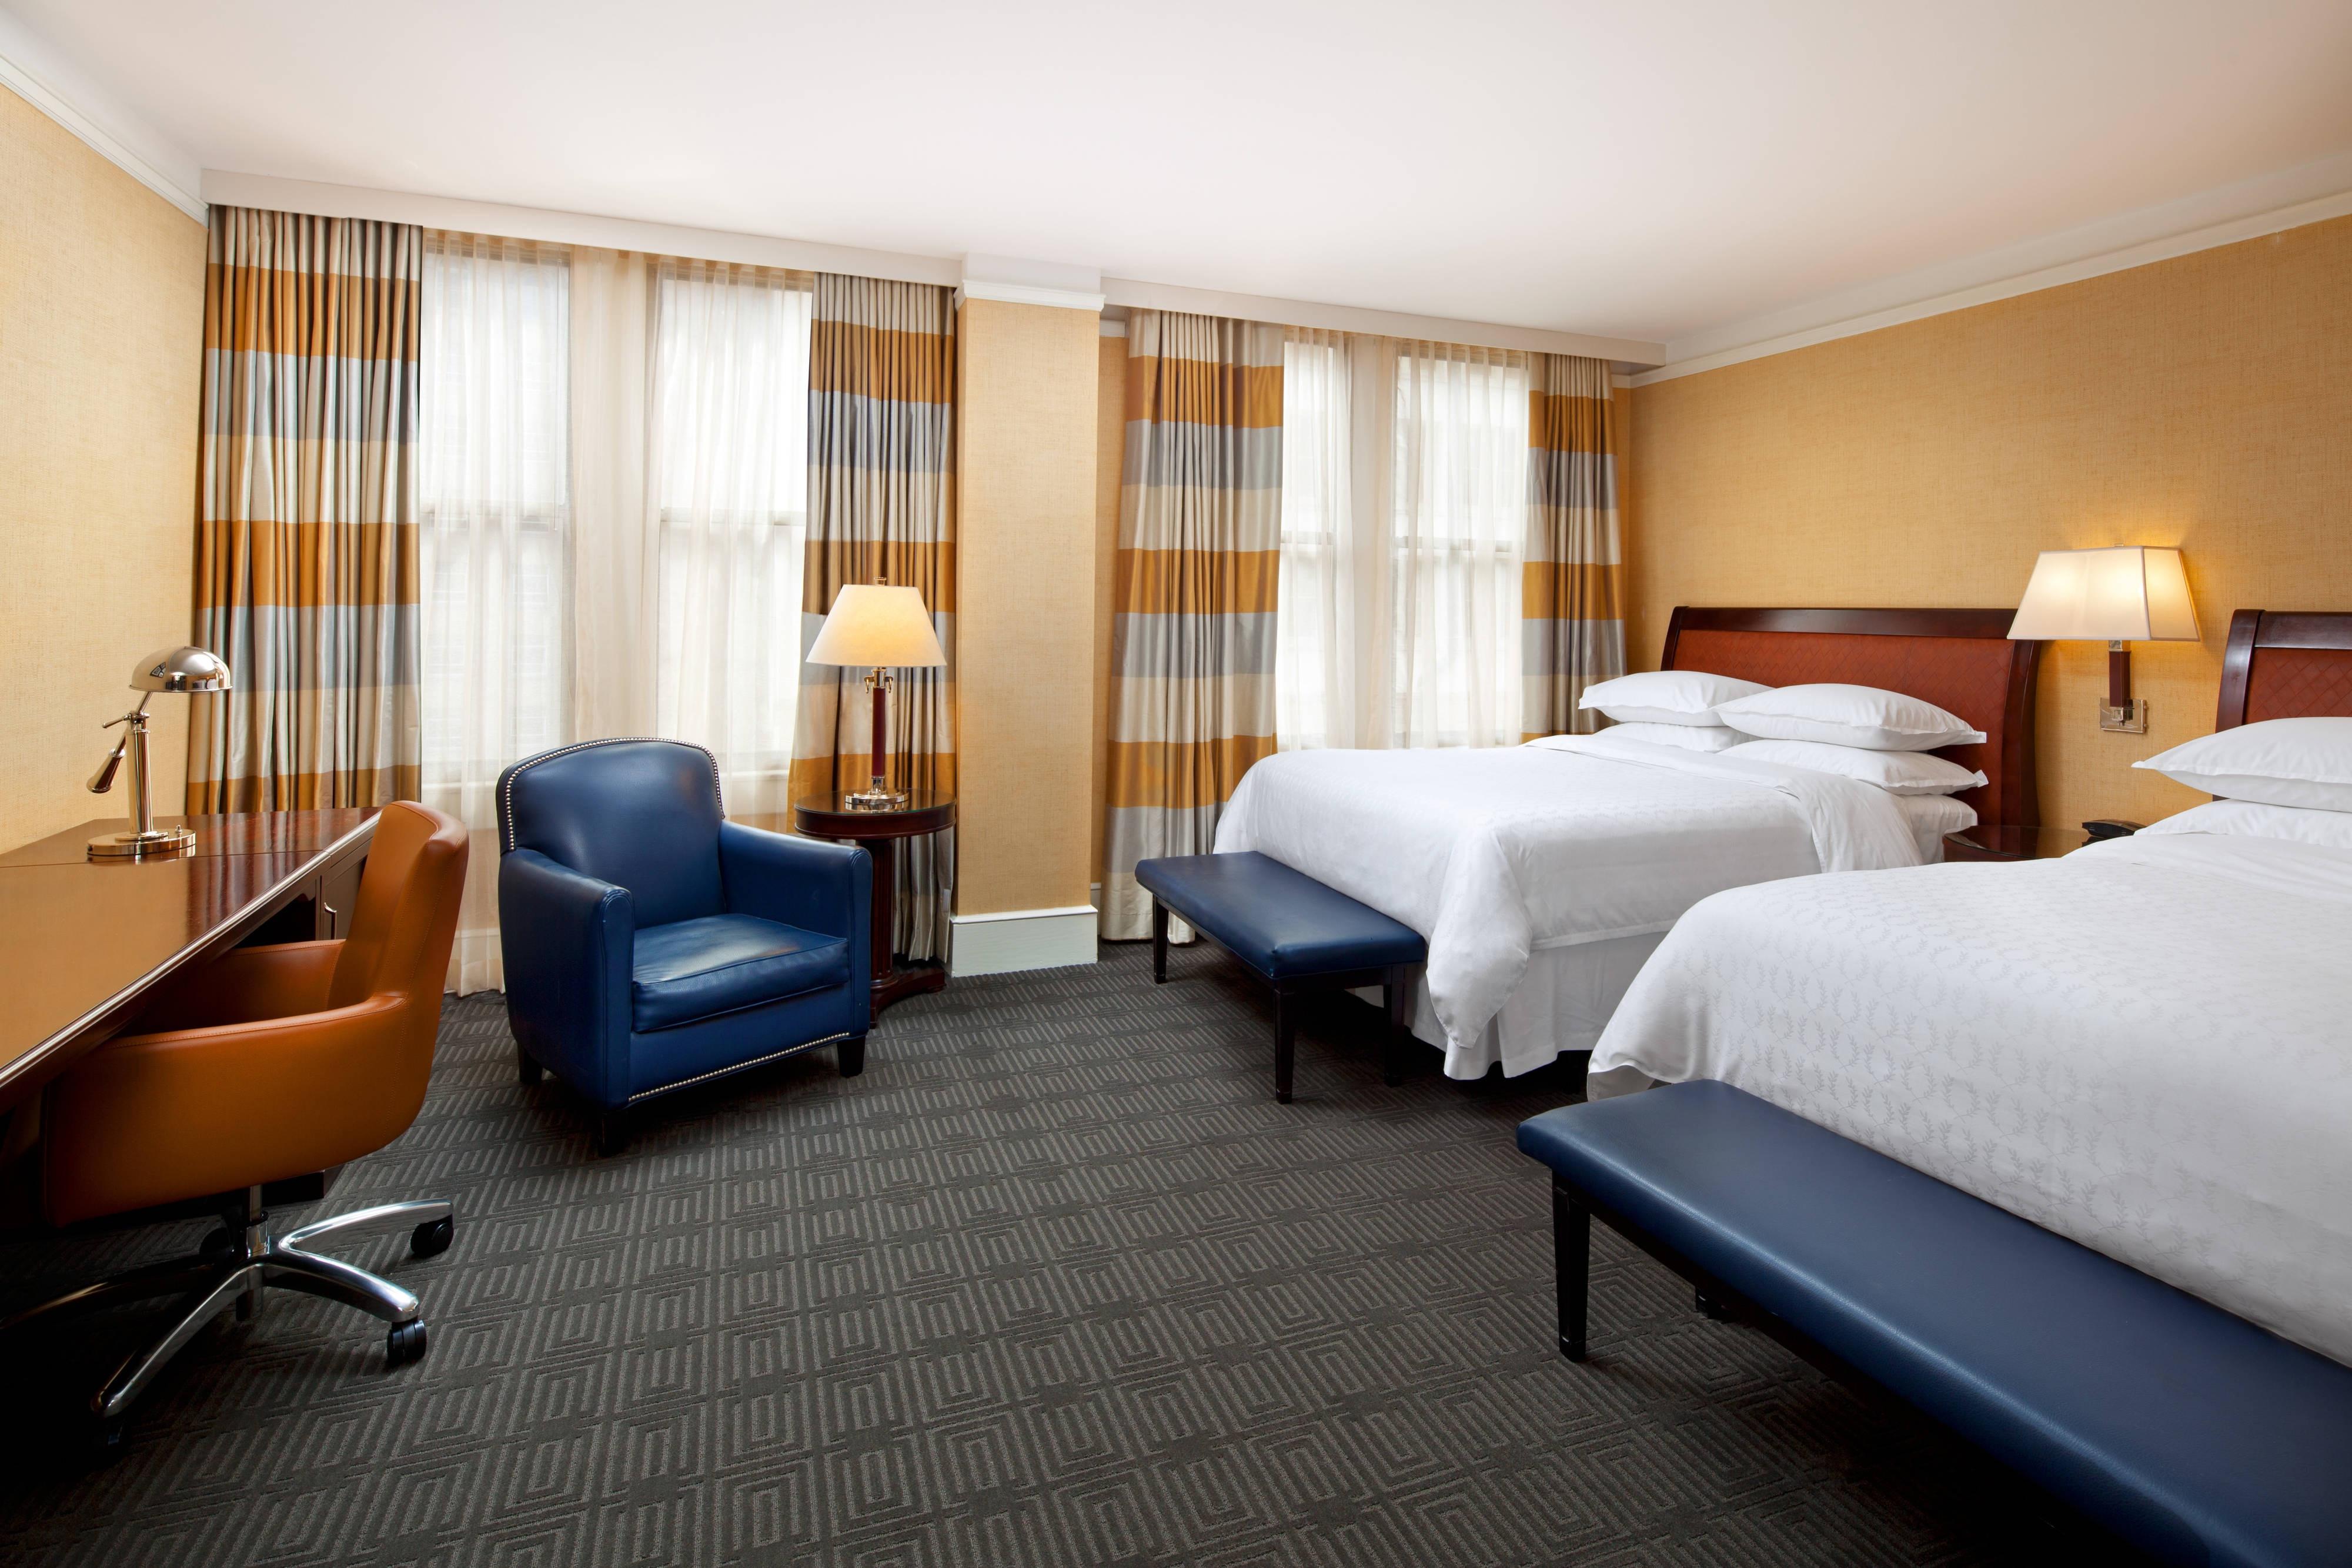 Habitación de lujo con dos camas dobles